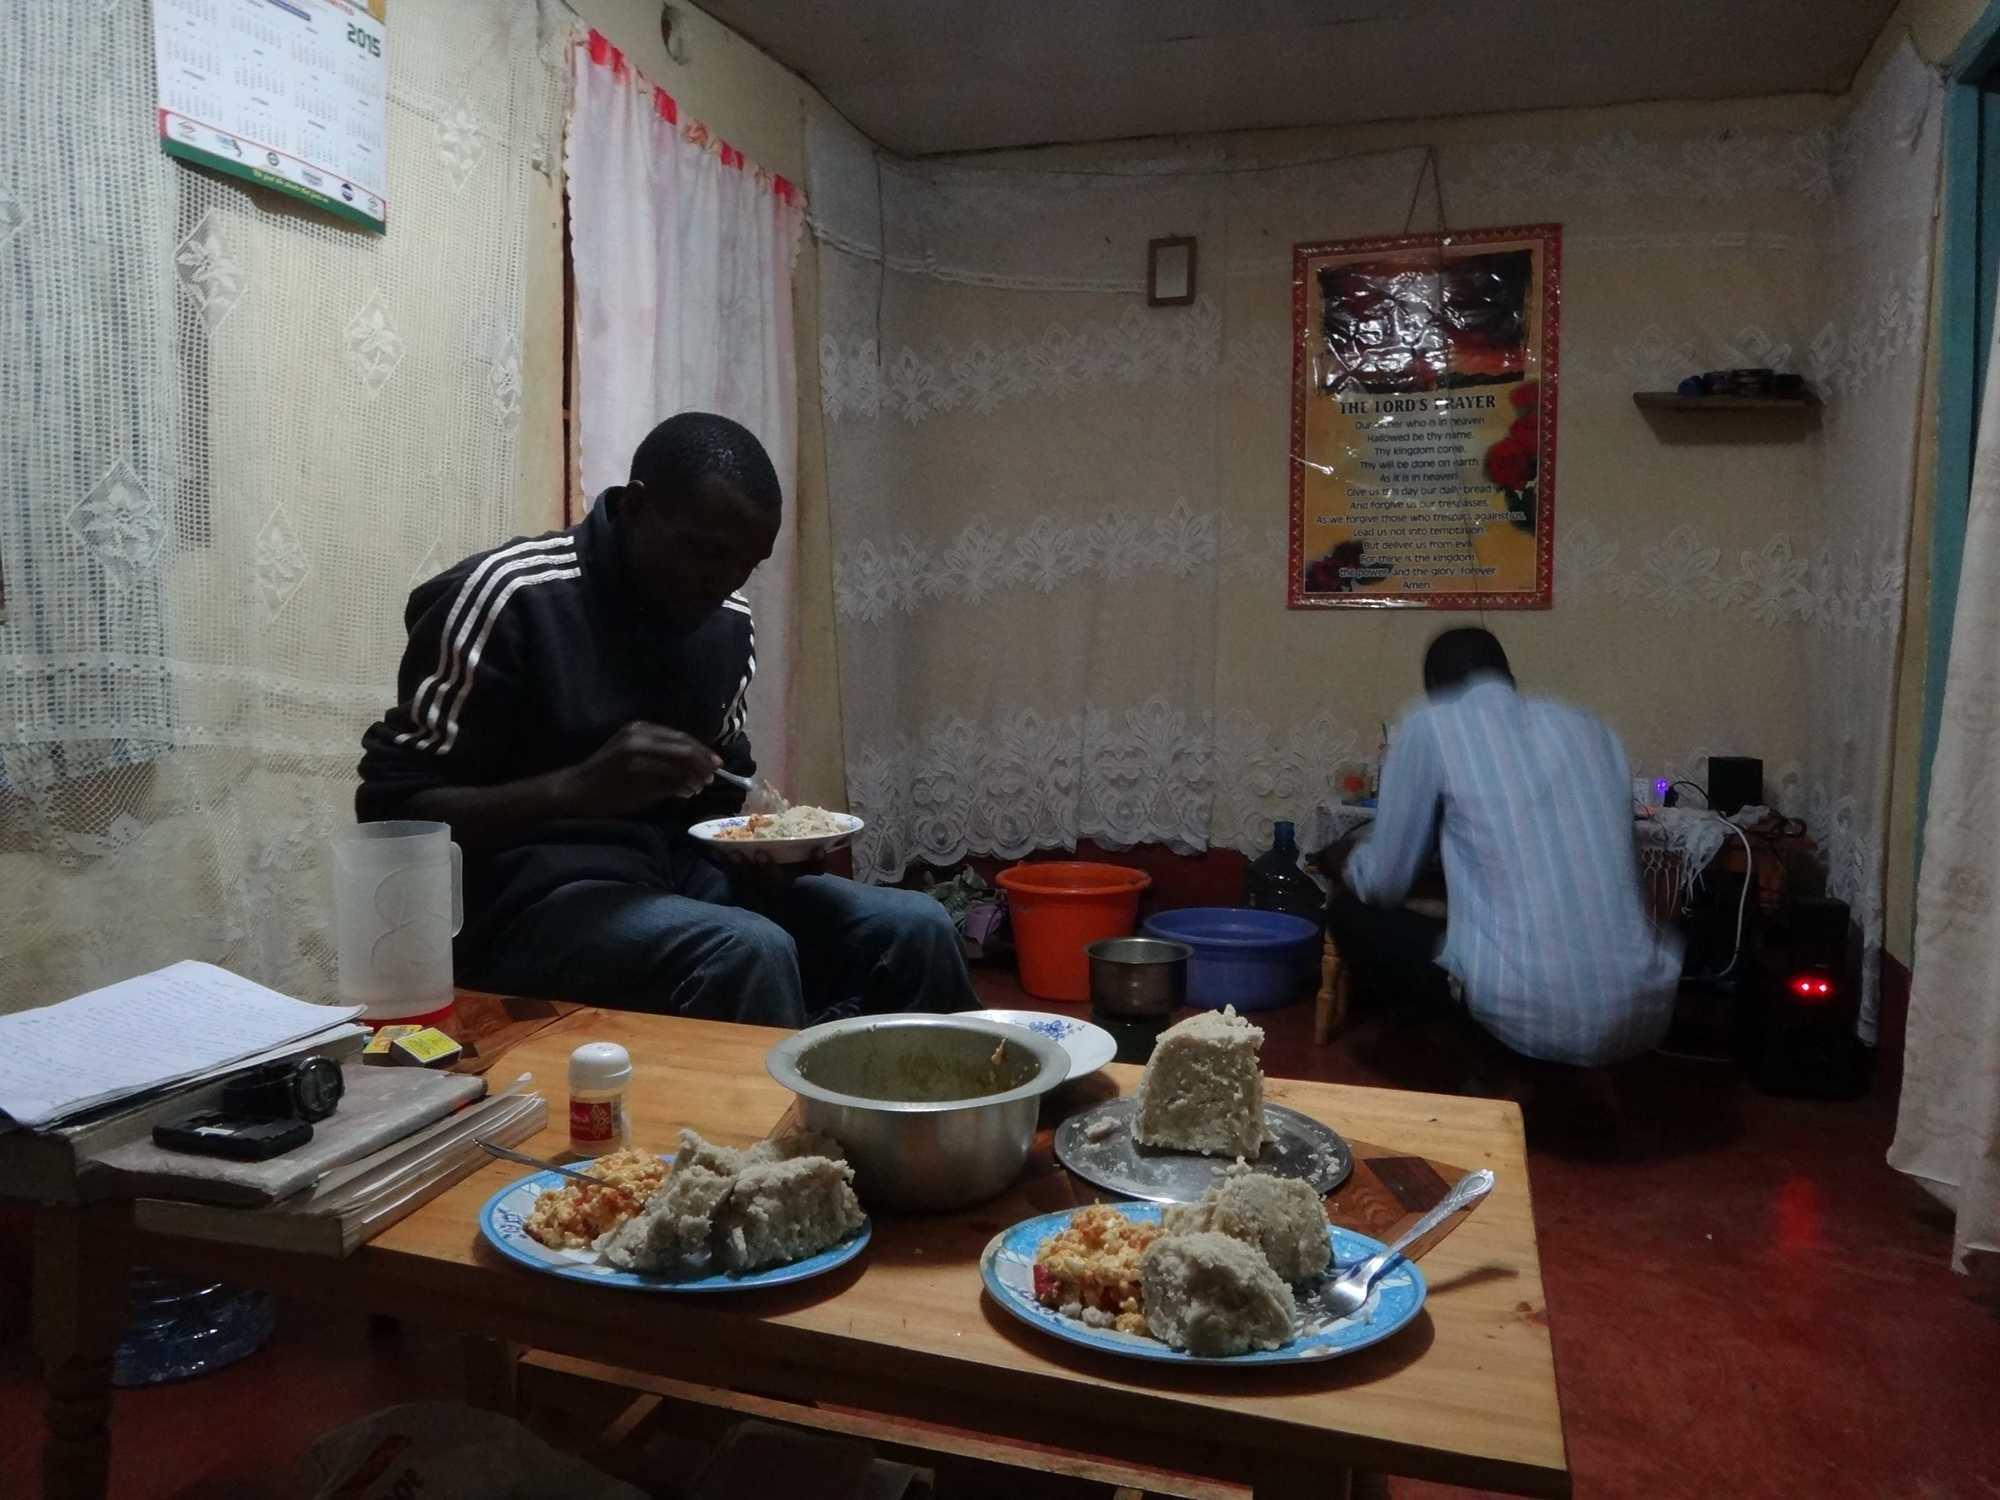 거실에서 우갈리와 달걀과 토마토 볶음을 저녁으로 먹고 있는 댄 ©김성우